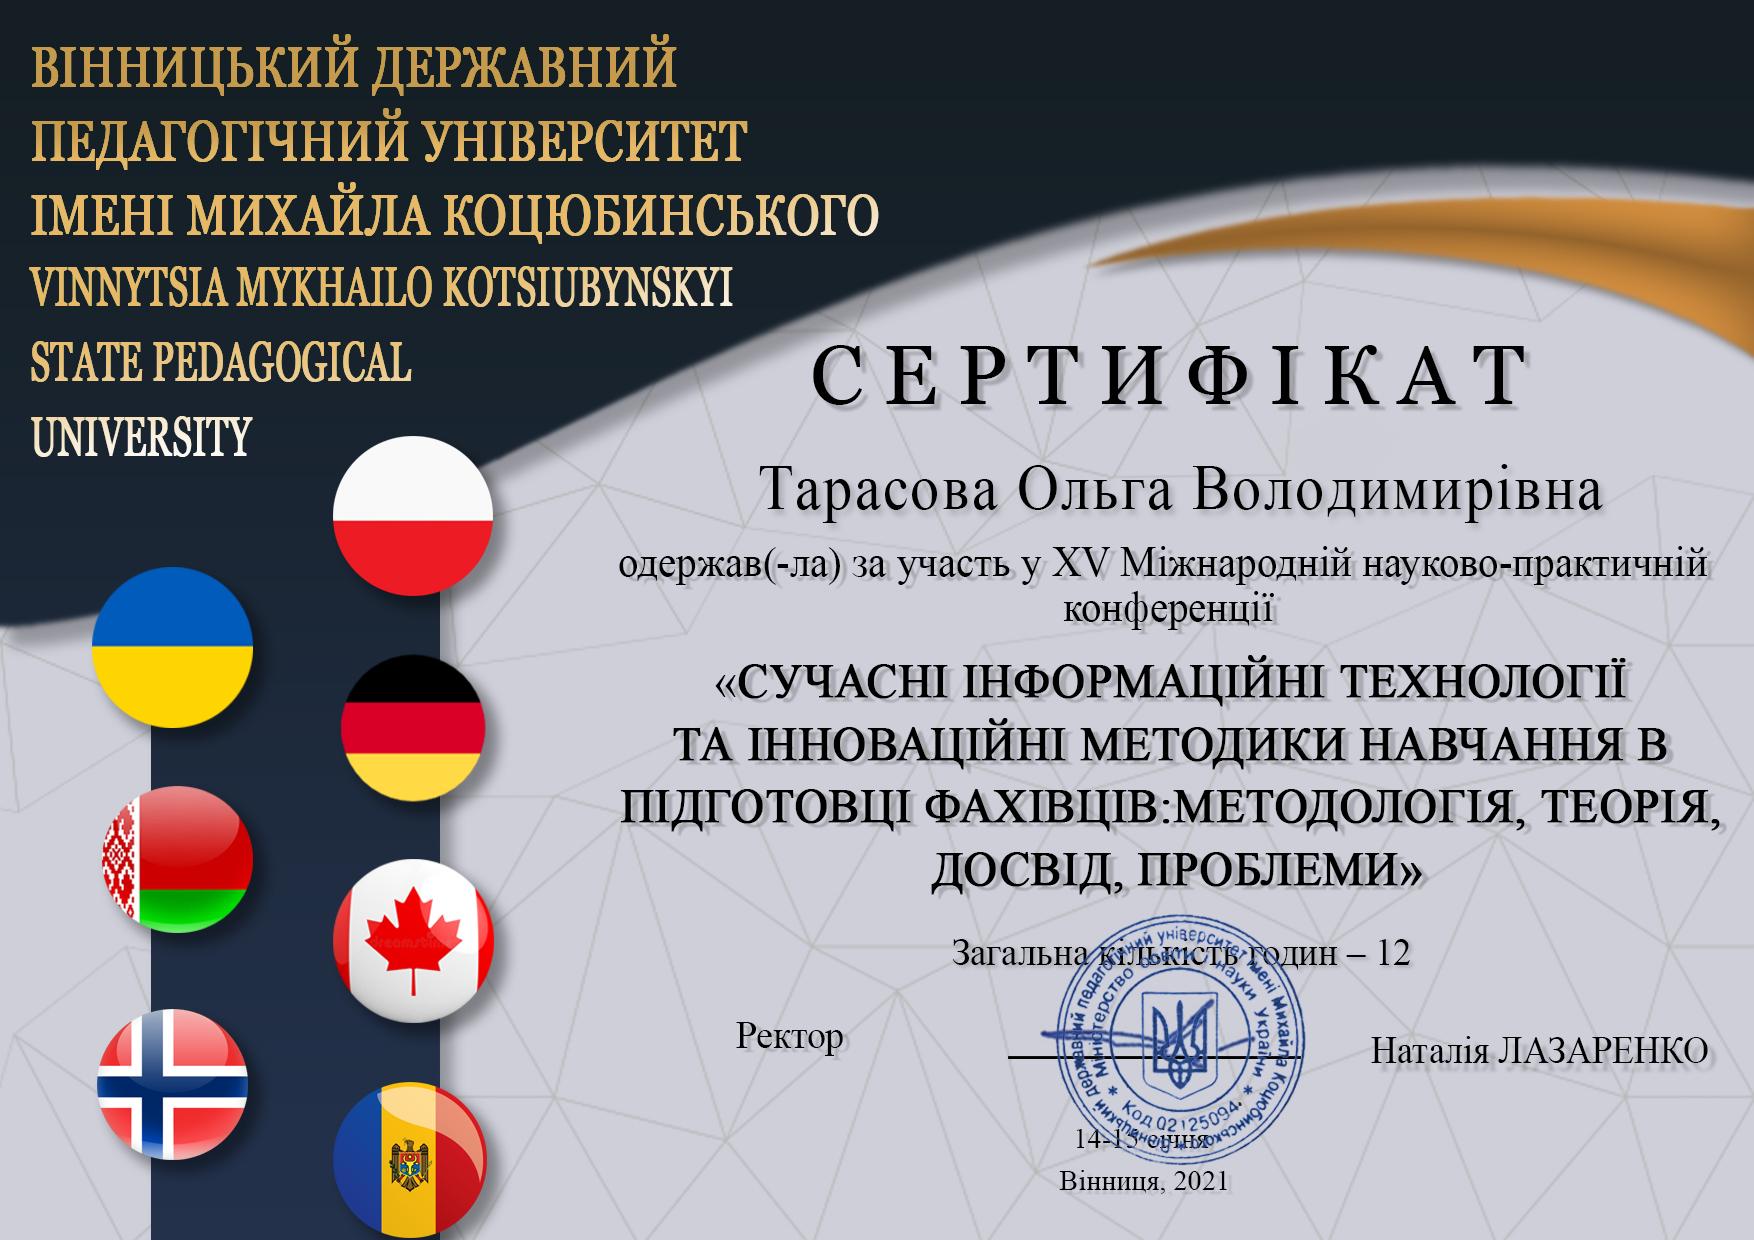 Тарасова Ольга Володимирівна